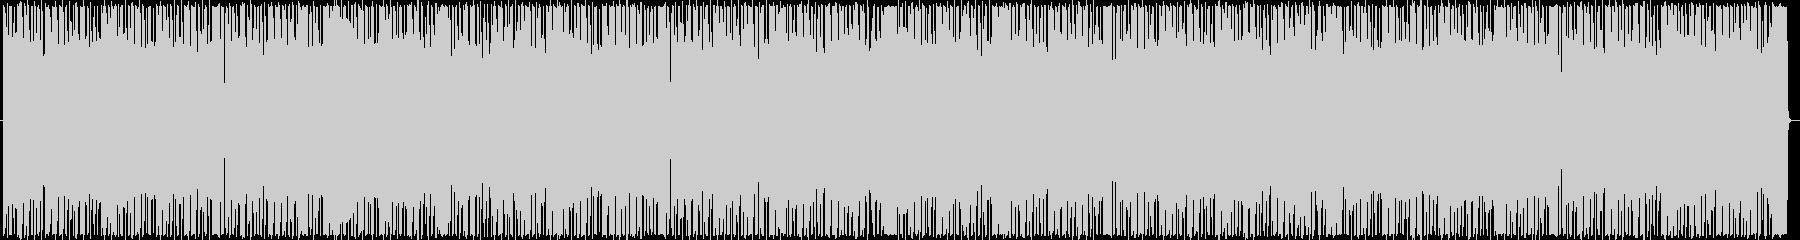 ギターアルペジオのお洒落なミドルテンポの未再生の波形